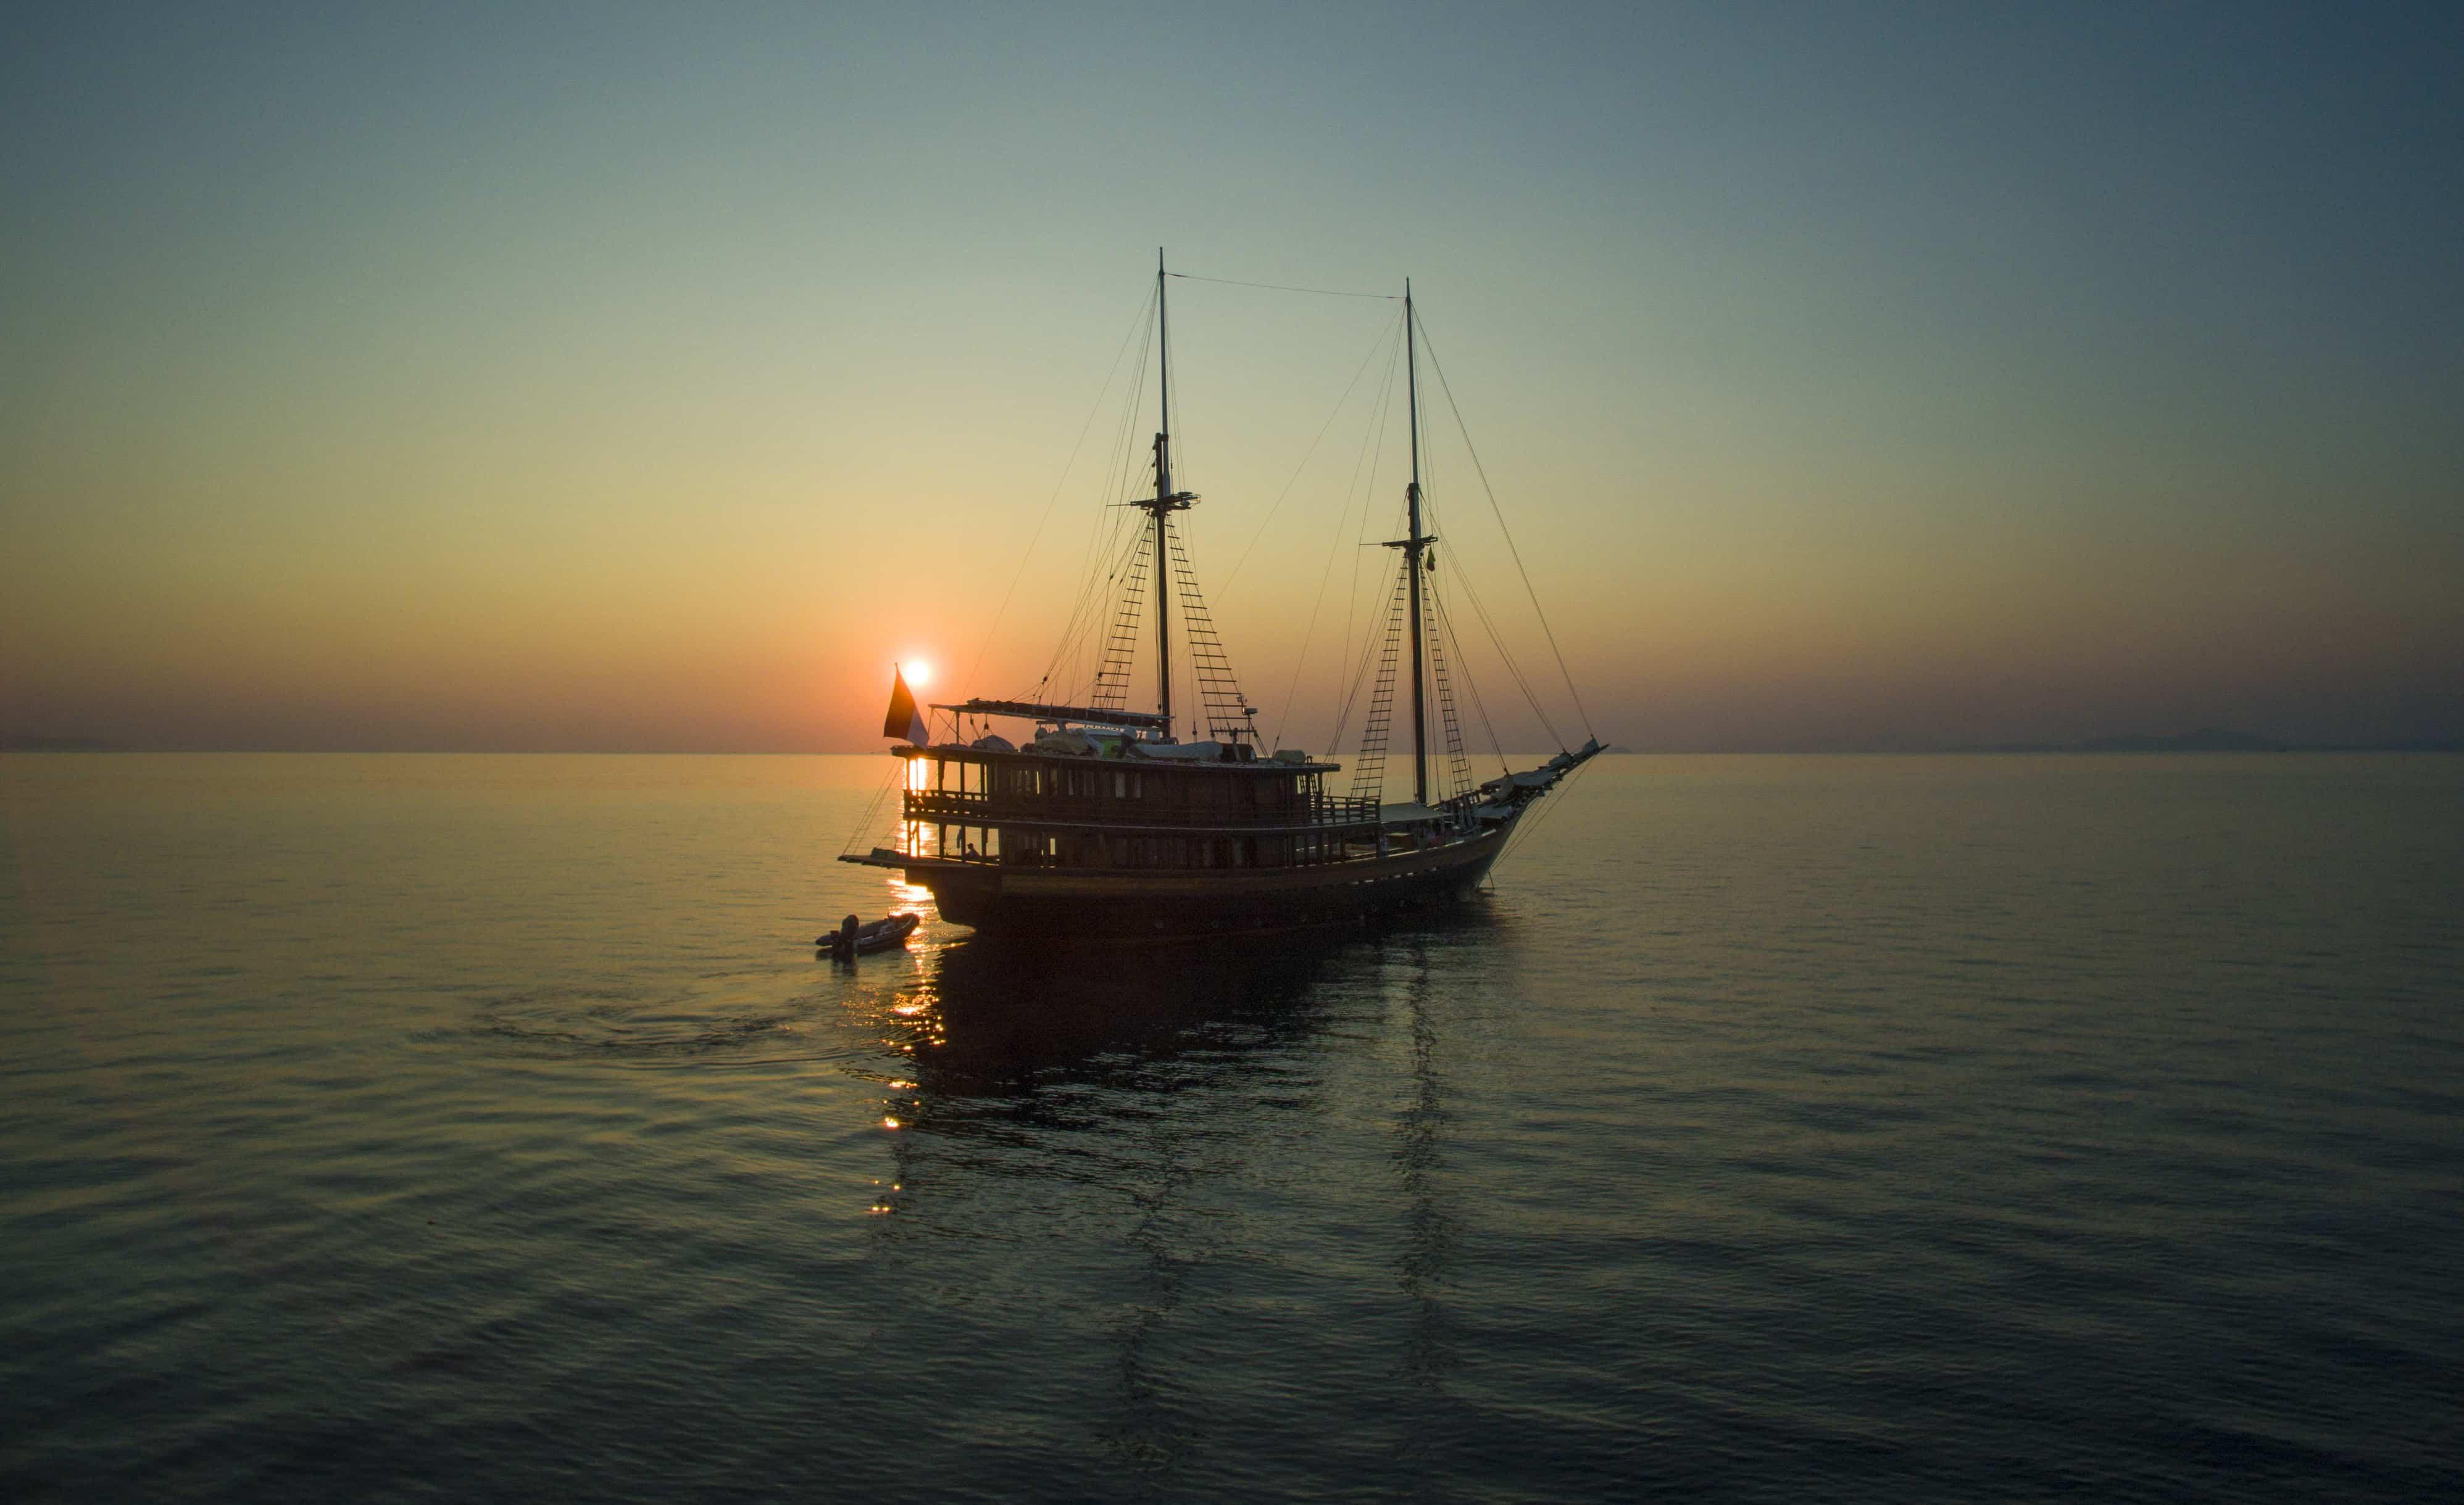 Sailing yacht Dunia Baru at sunset.